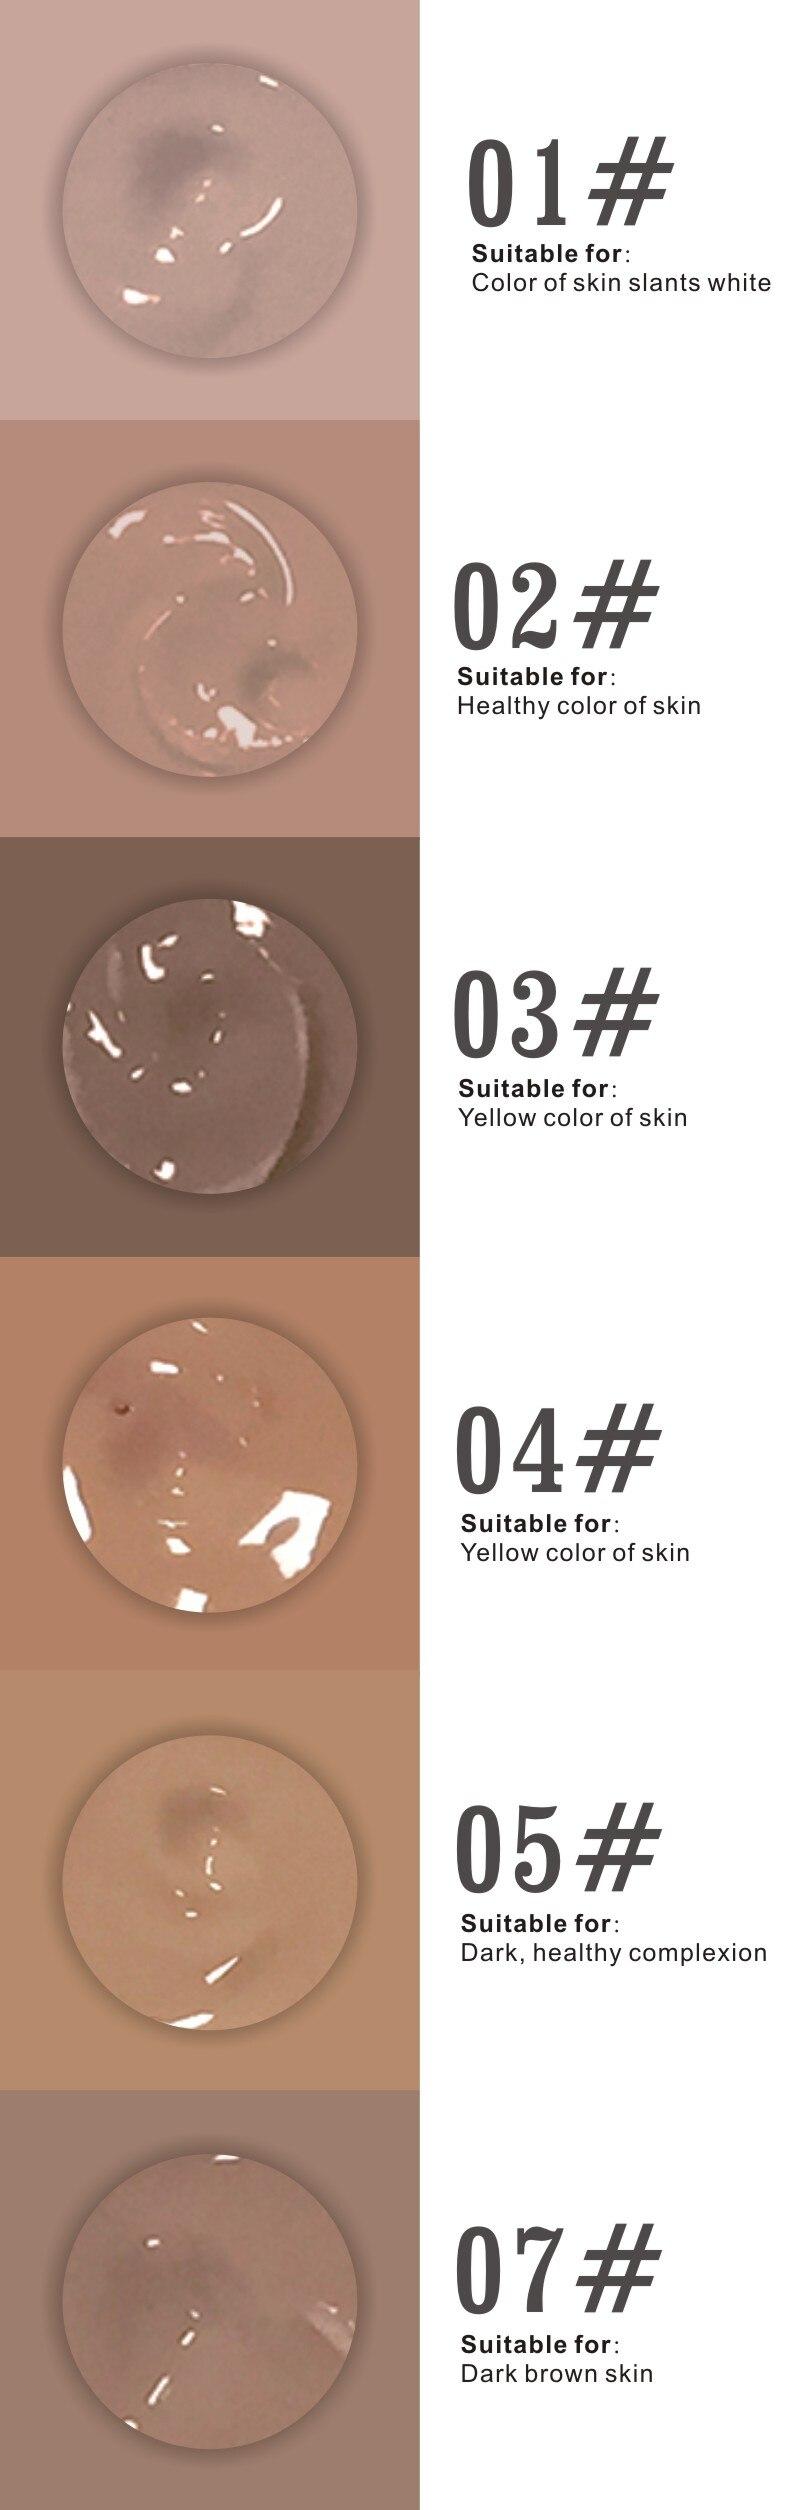 rosto maquiagem branqueamento fundação líquido corretivo bronzer pele nude primer base compõem